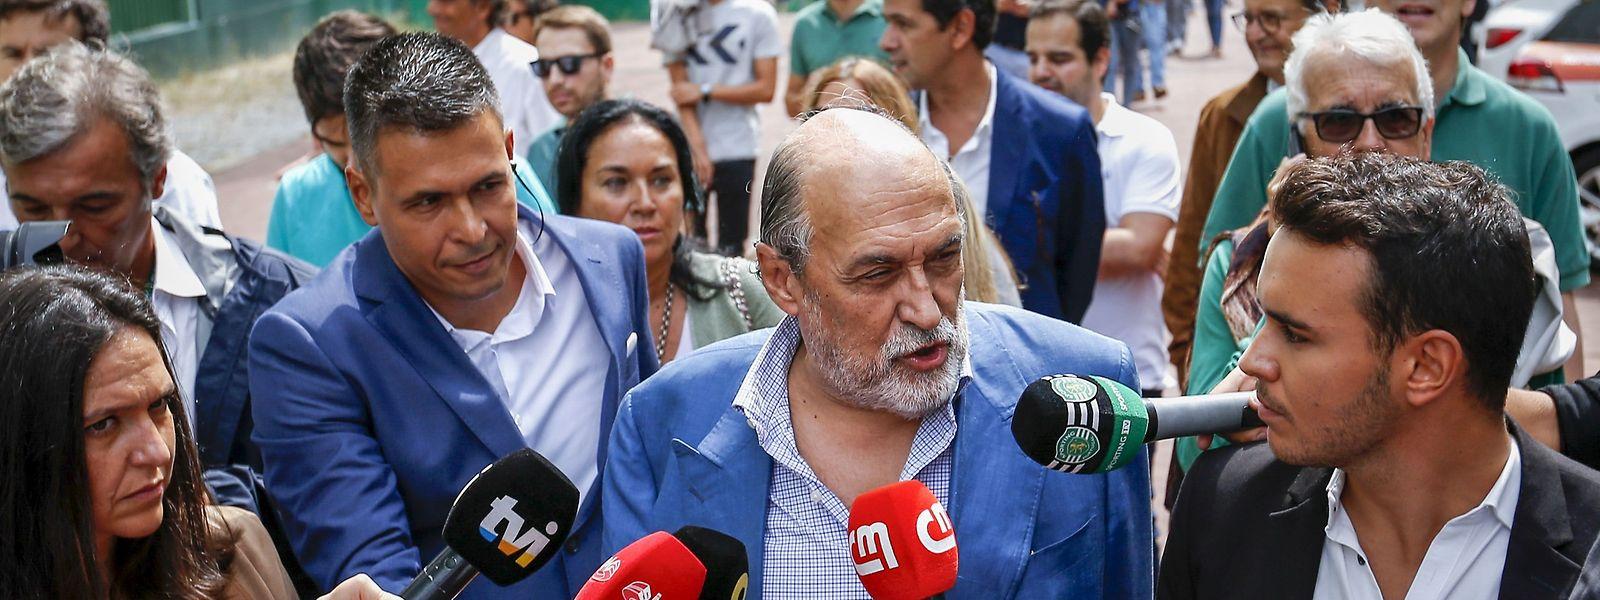 O candidato à presidência do Sporting Clube de Portugal, Dias Ferreira (ao centro), à chegada para a votação.